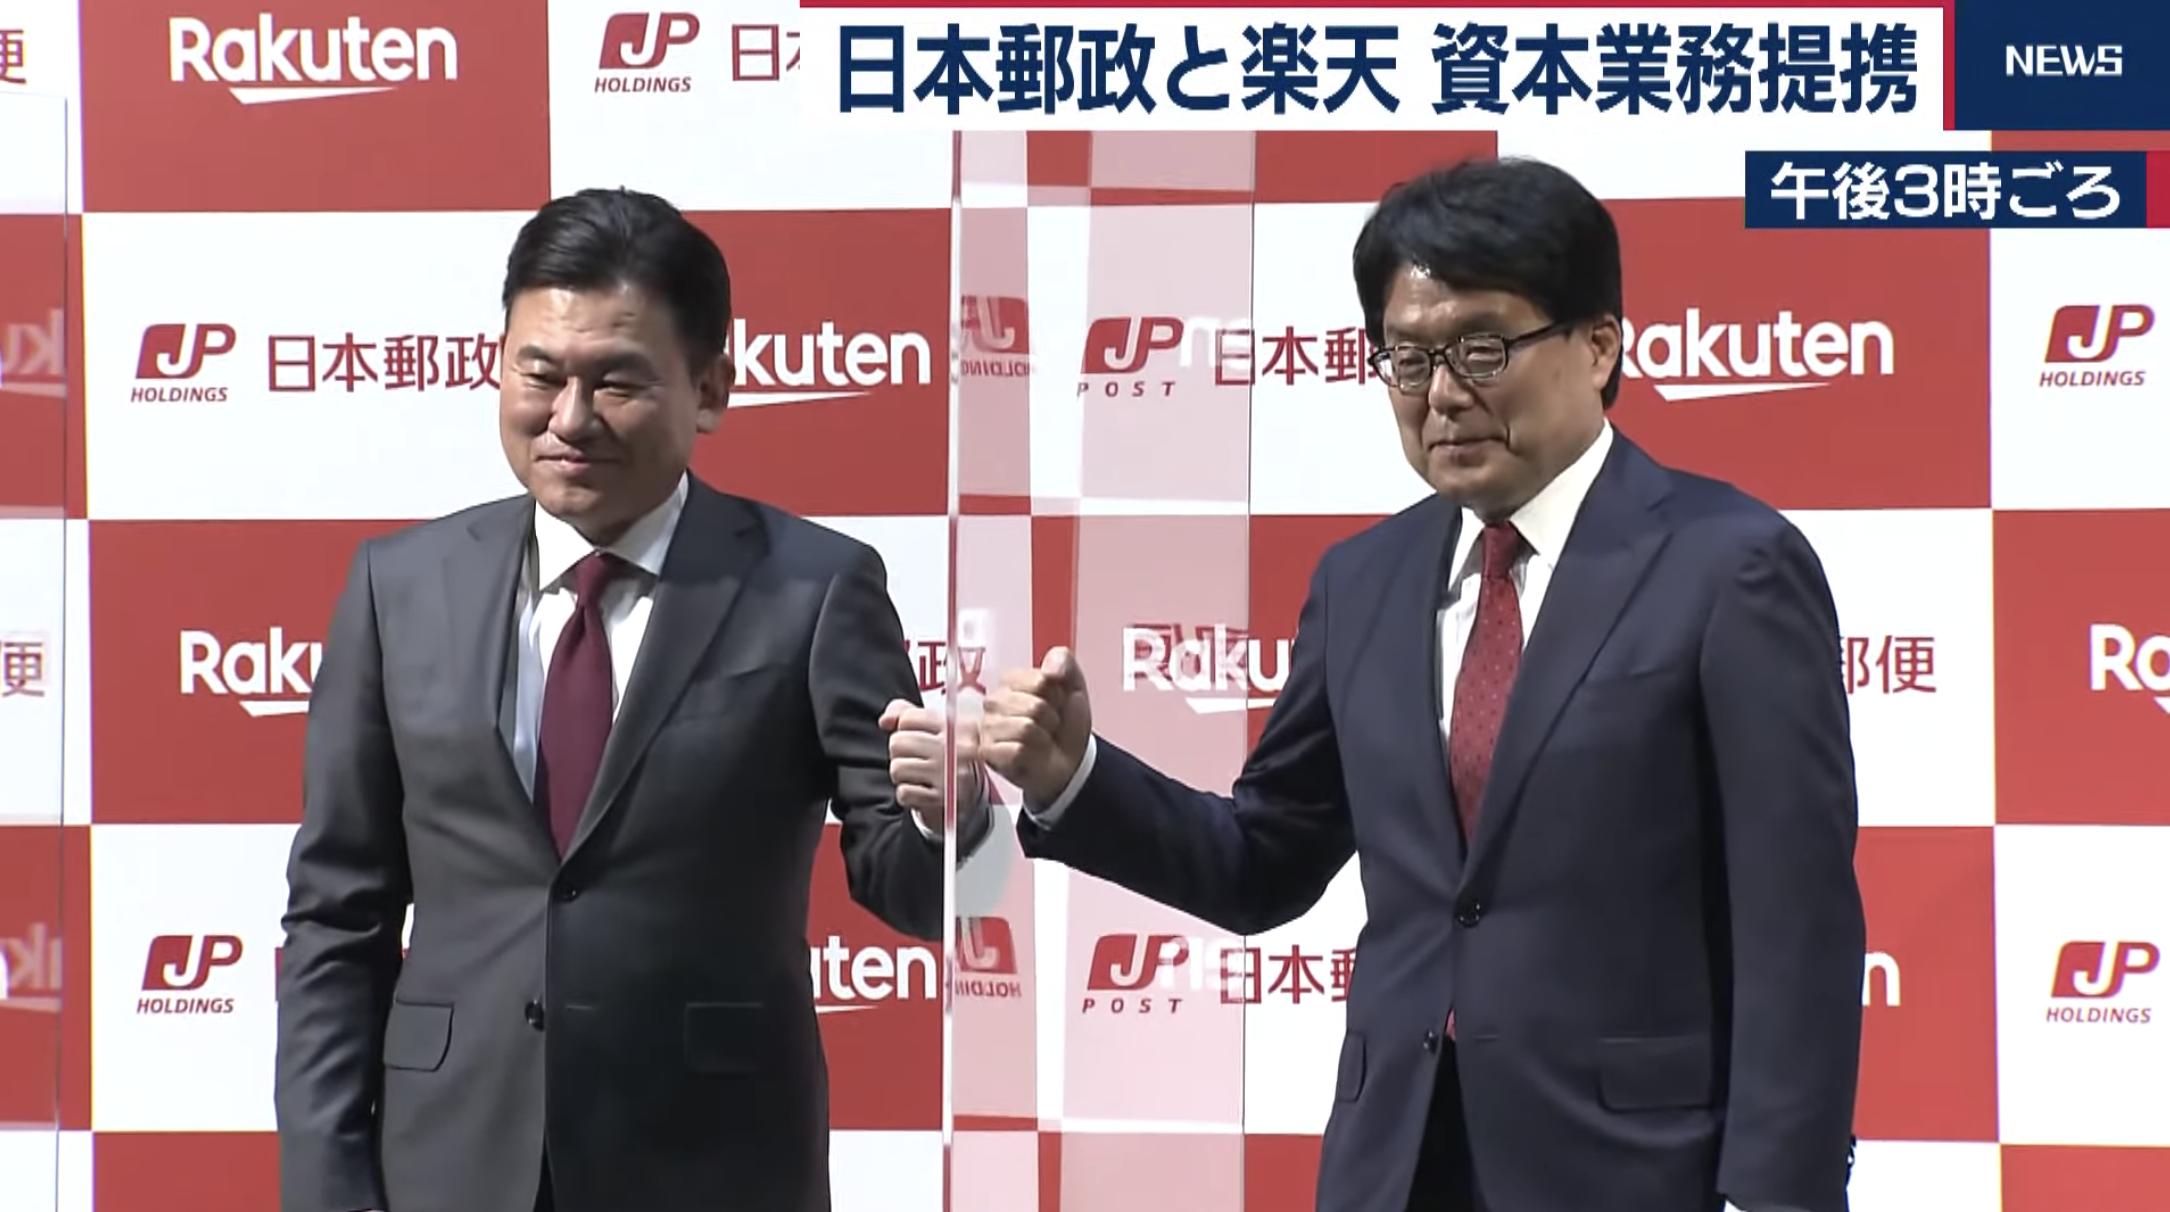 日本郵政と楽天が資本・業務提携